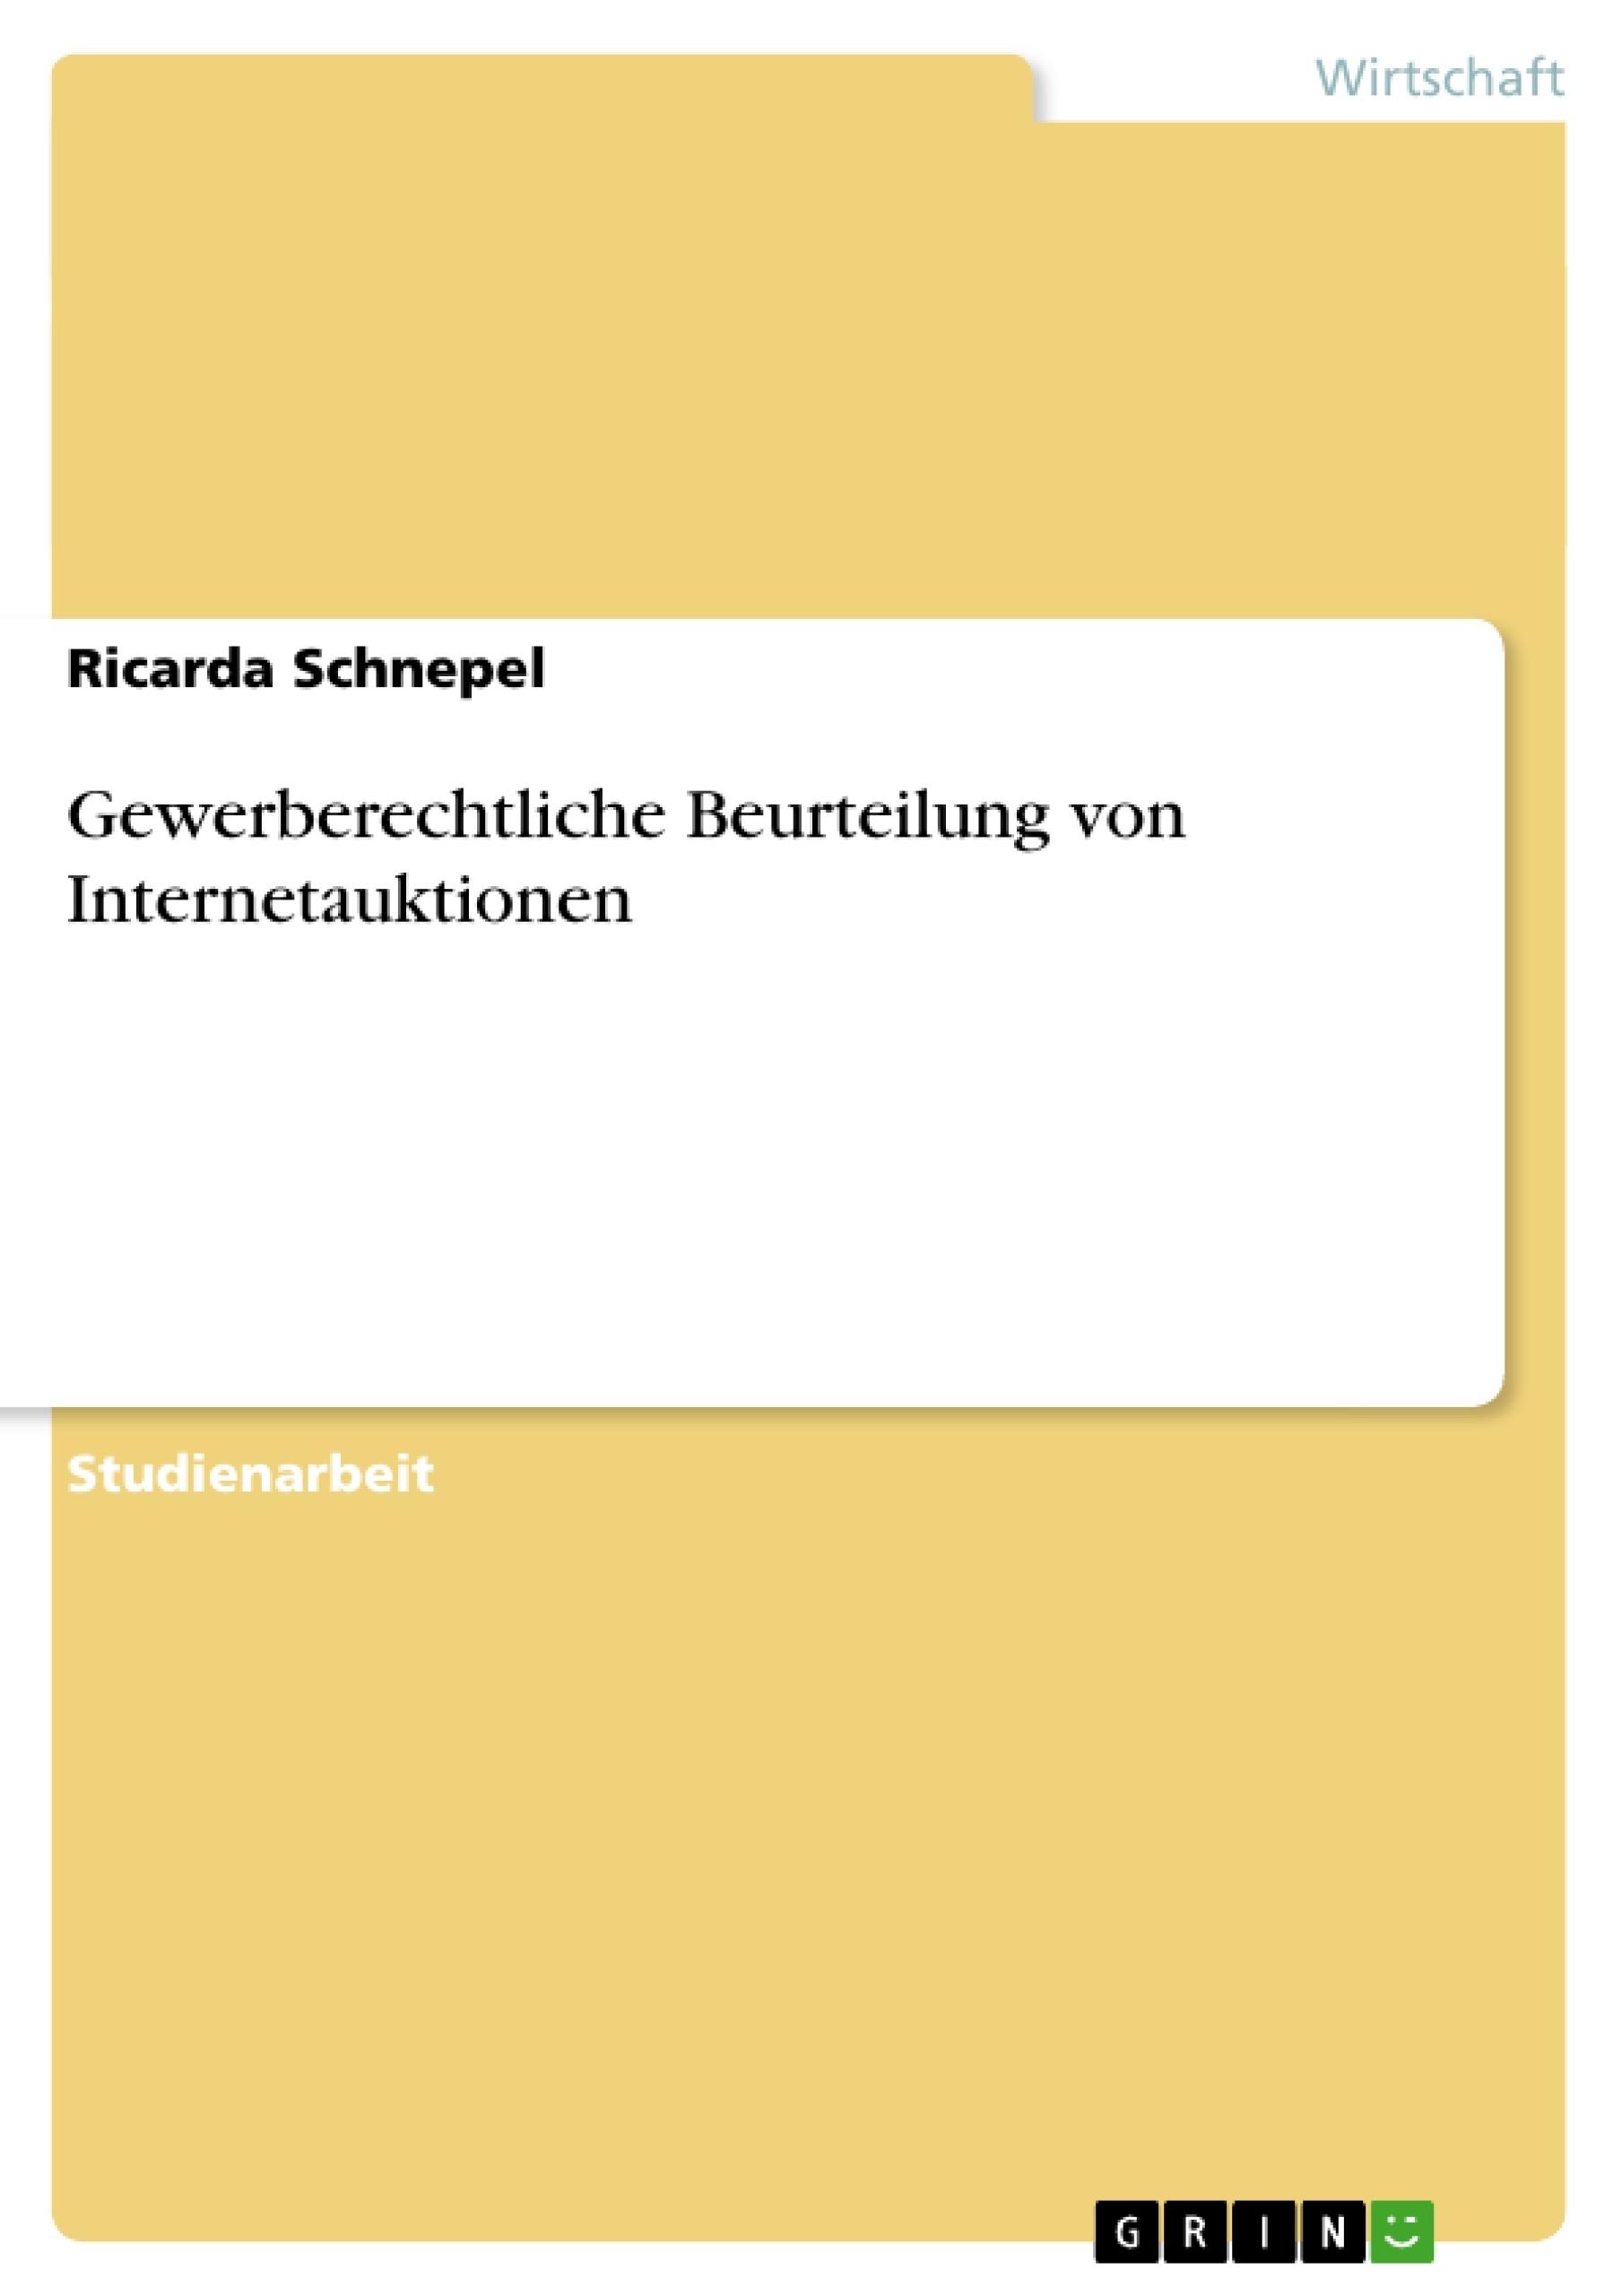 Titel: Gewerberechtliche Beurteilung von Internetauktionen